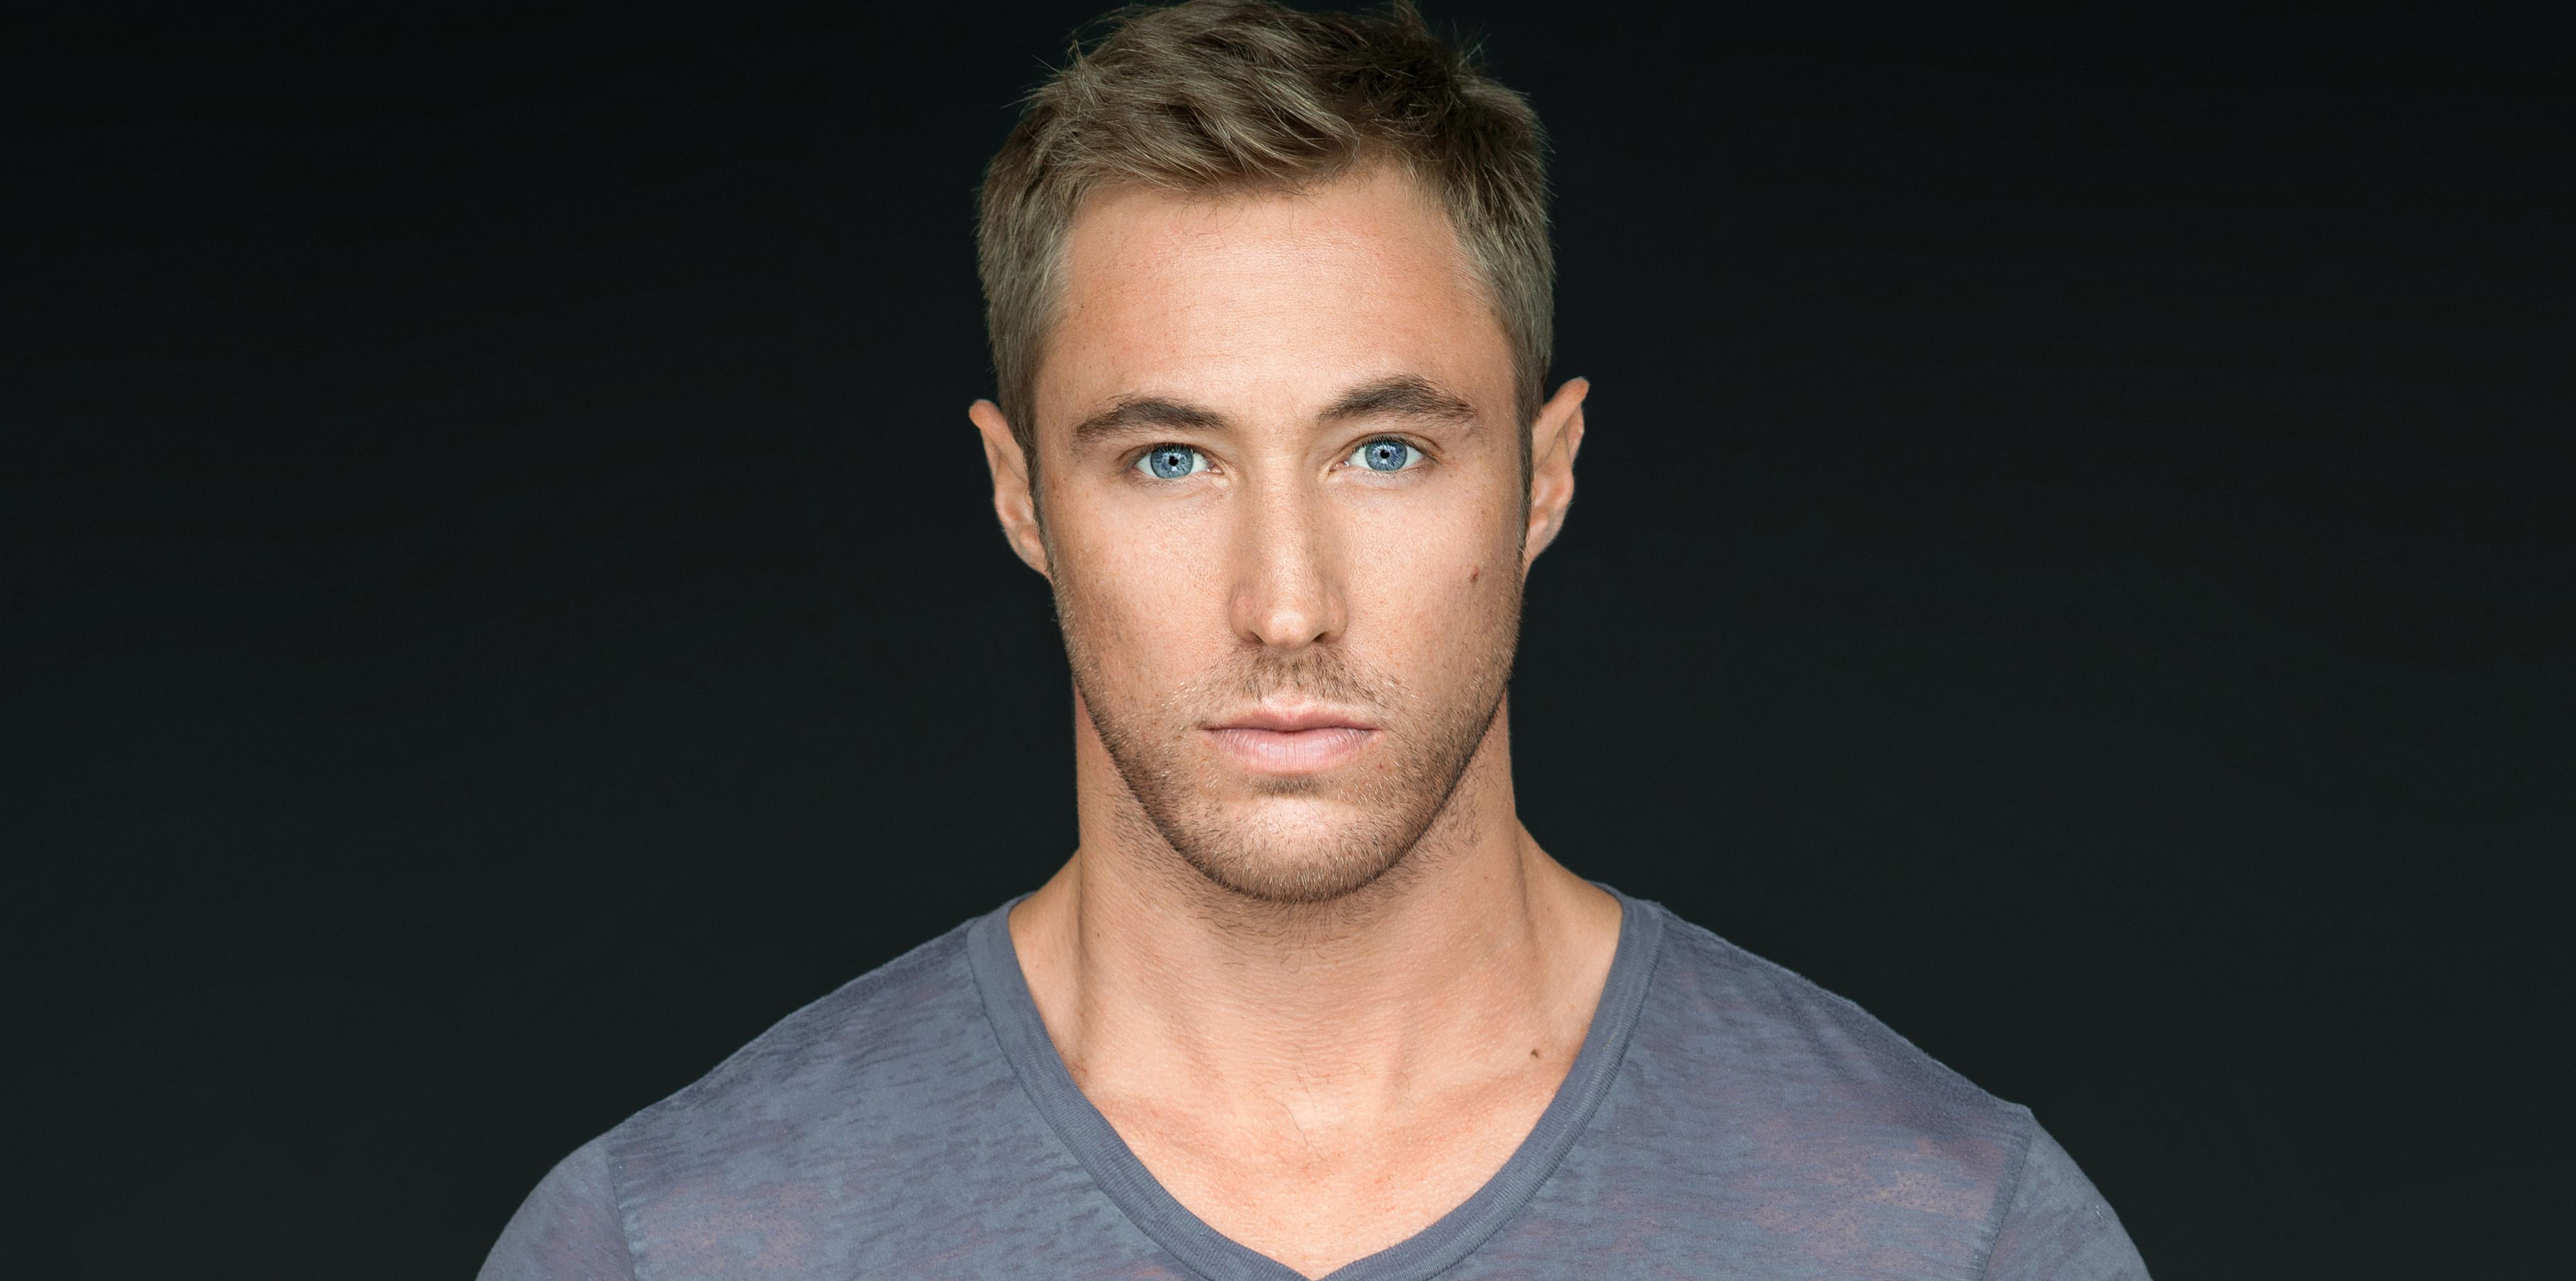 kyle lowder actor